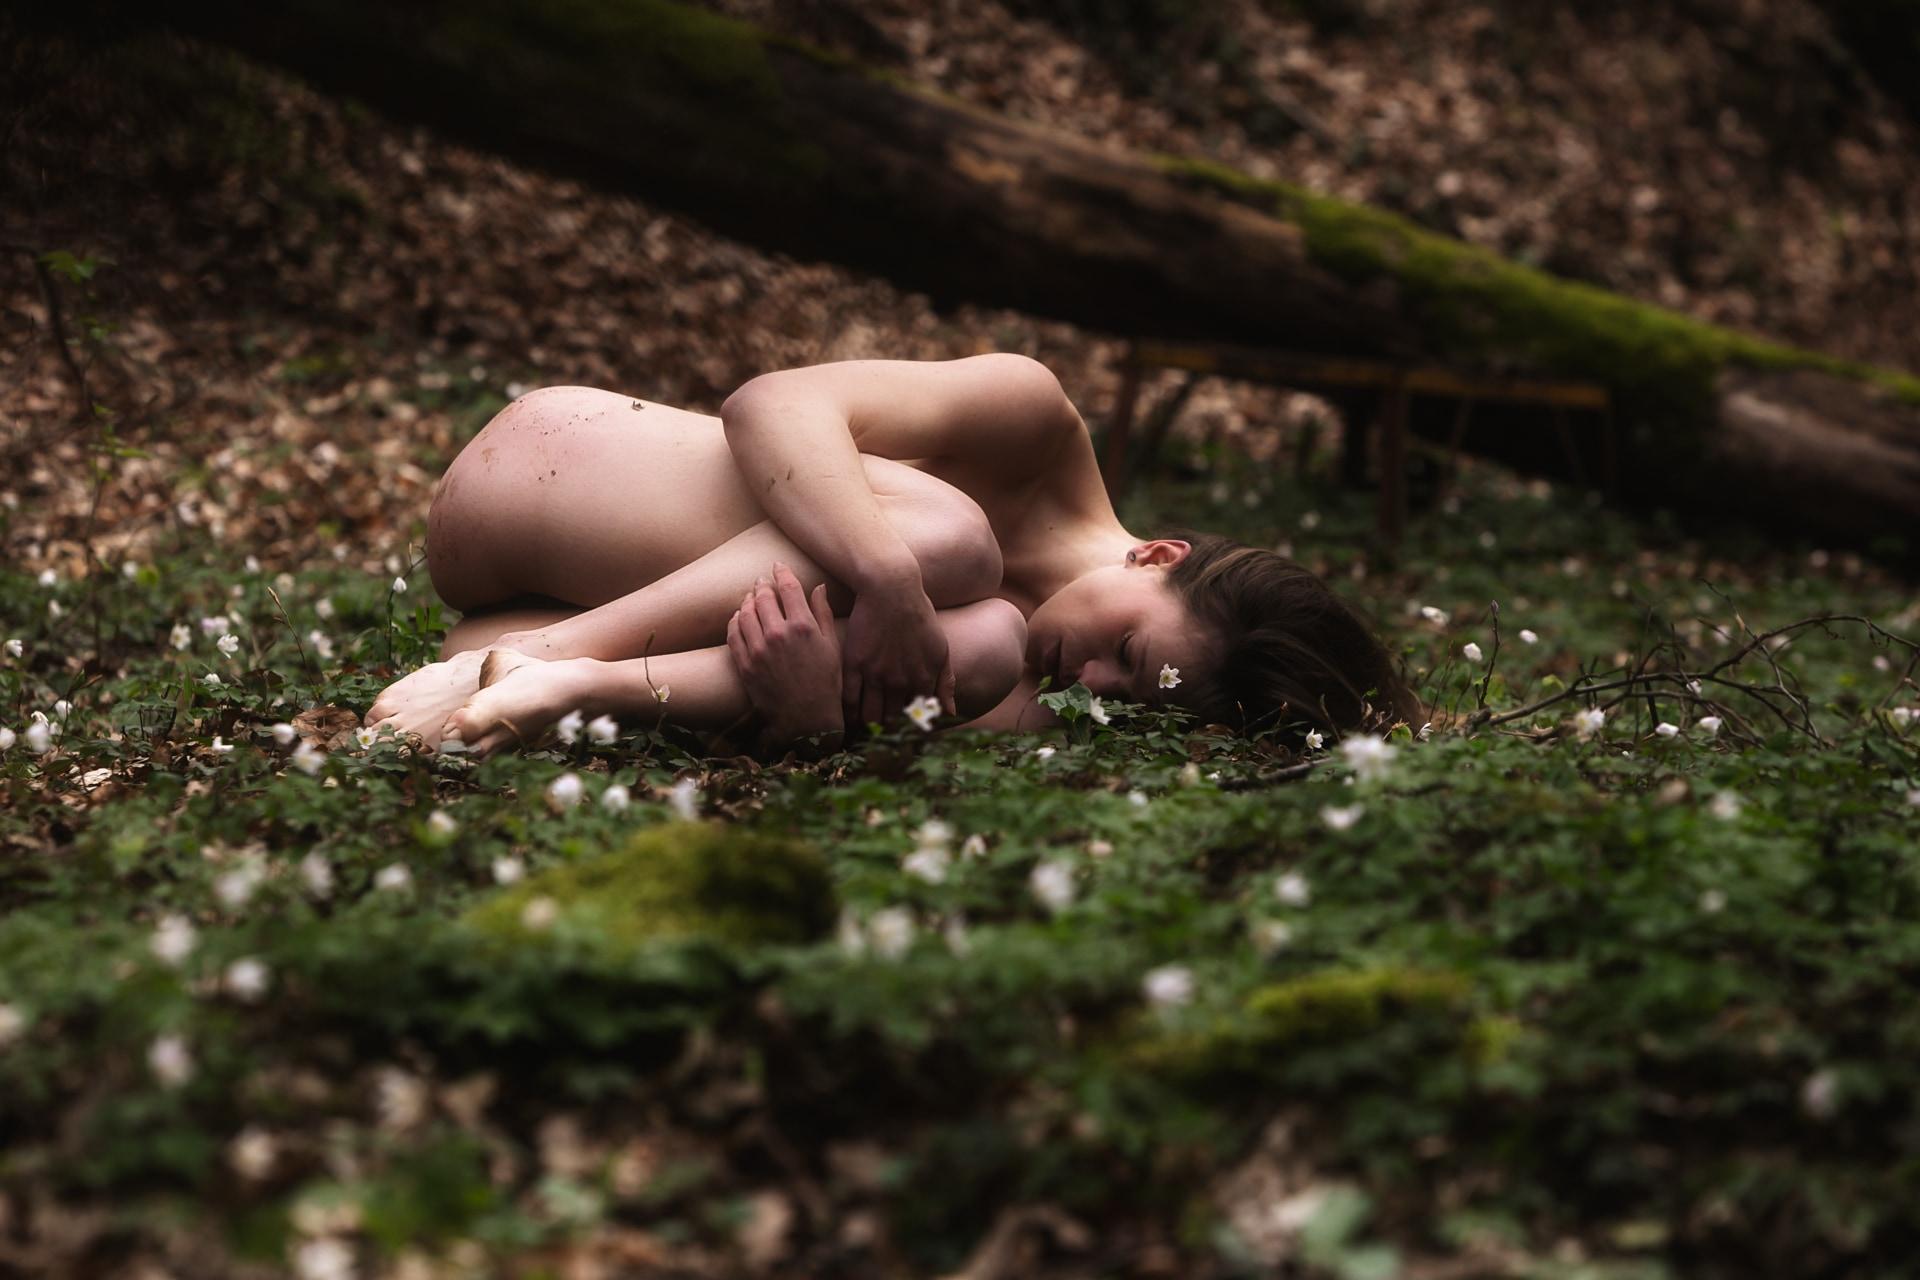 nue-foret-printemps-2